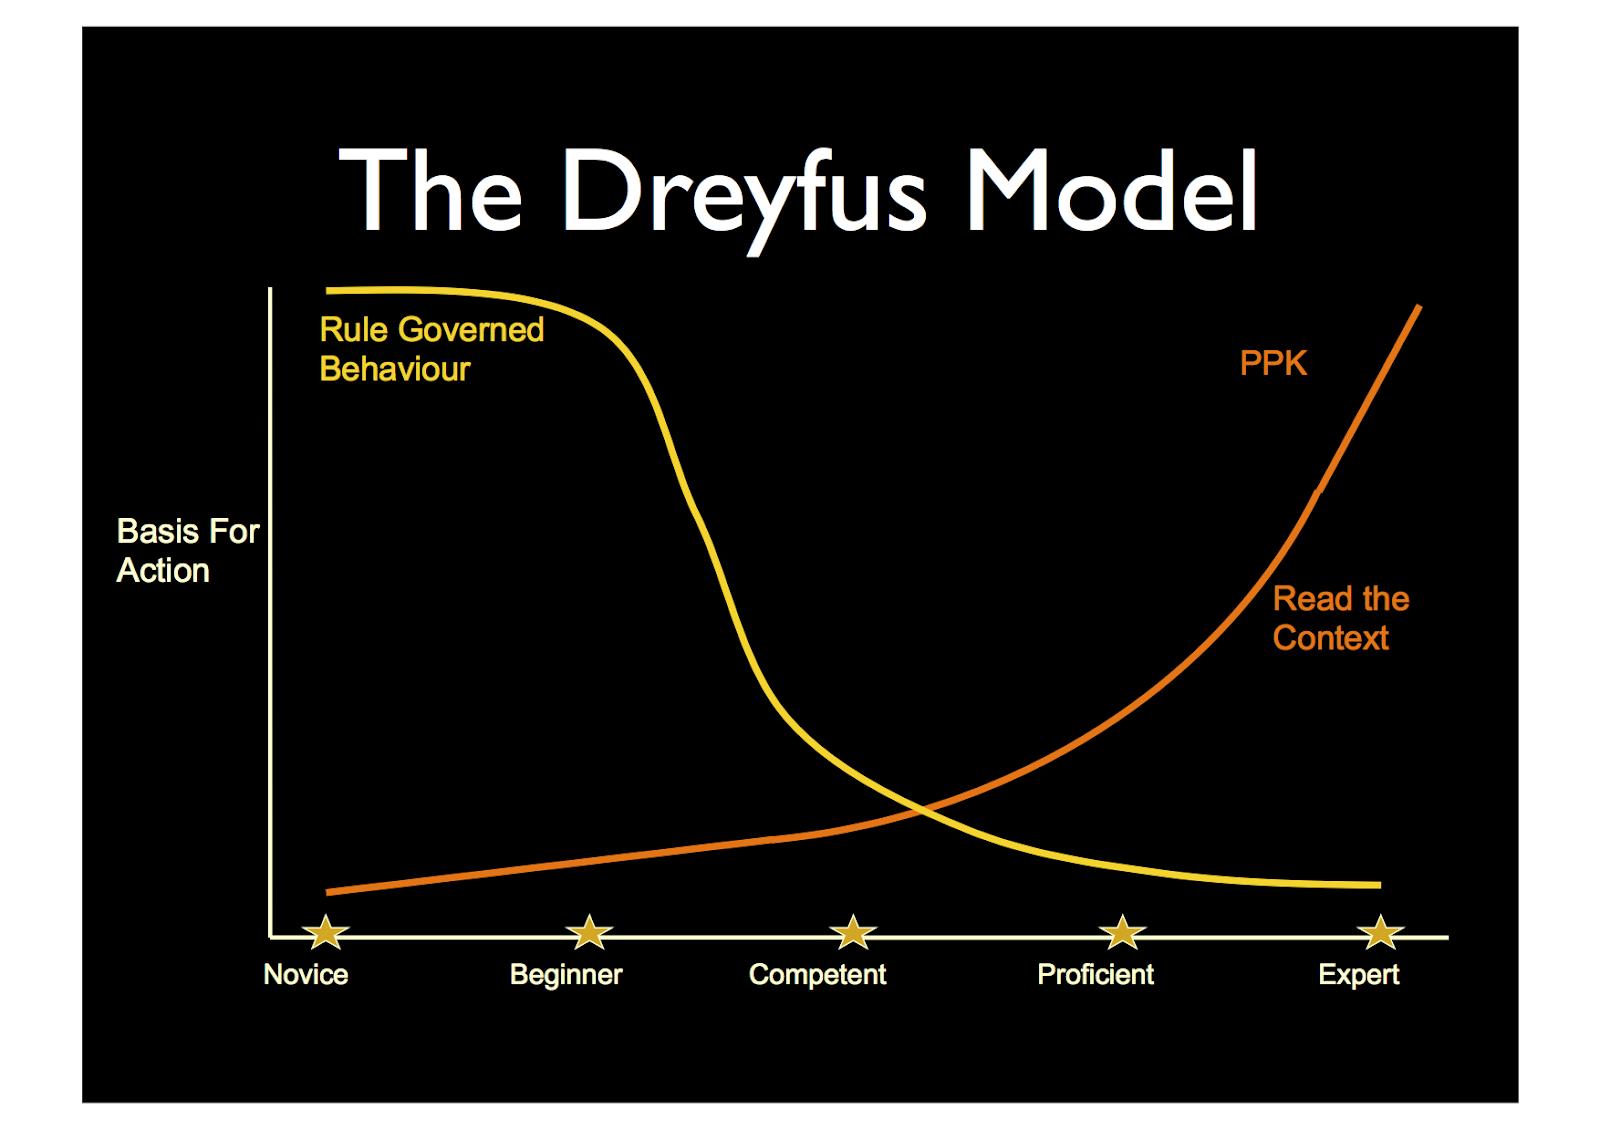 The-Dreyfus-Model.png